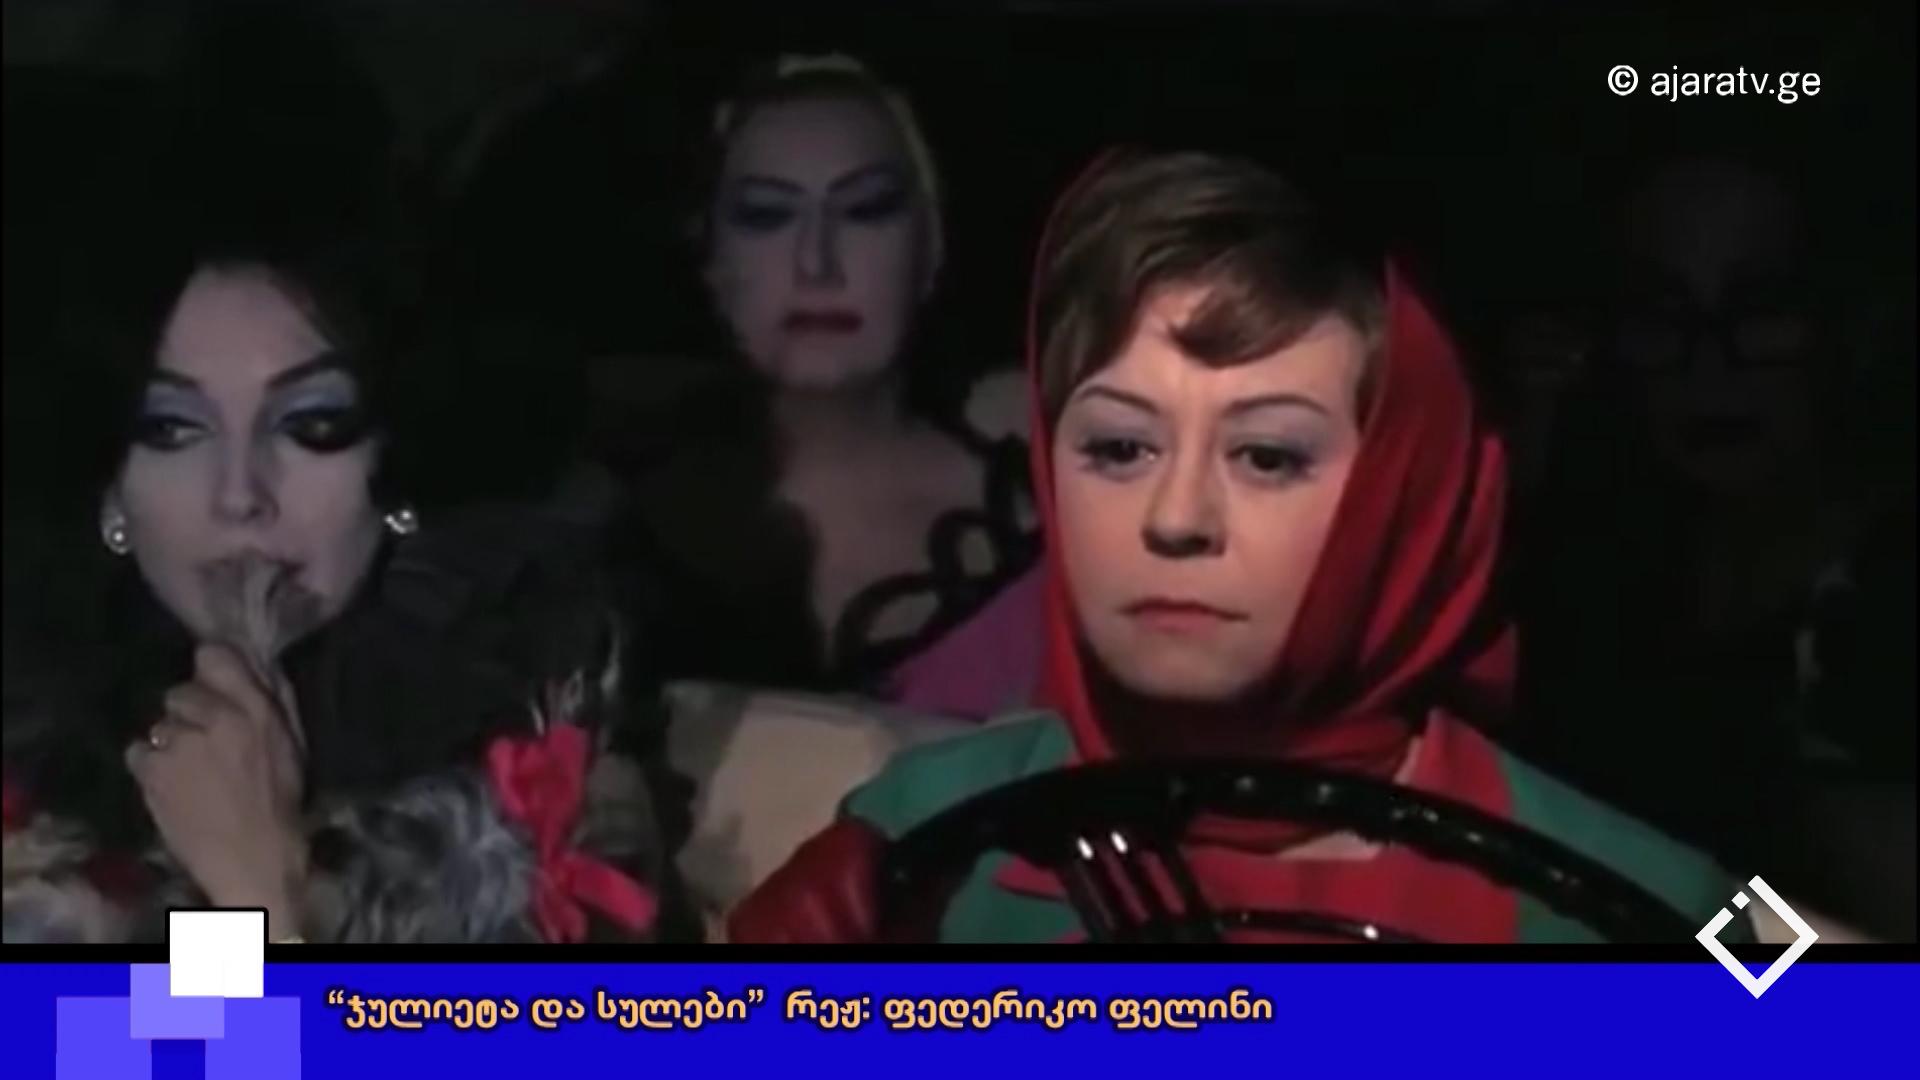 რეჟისორი: ფედერიკო ფელინი